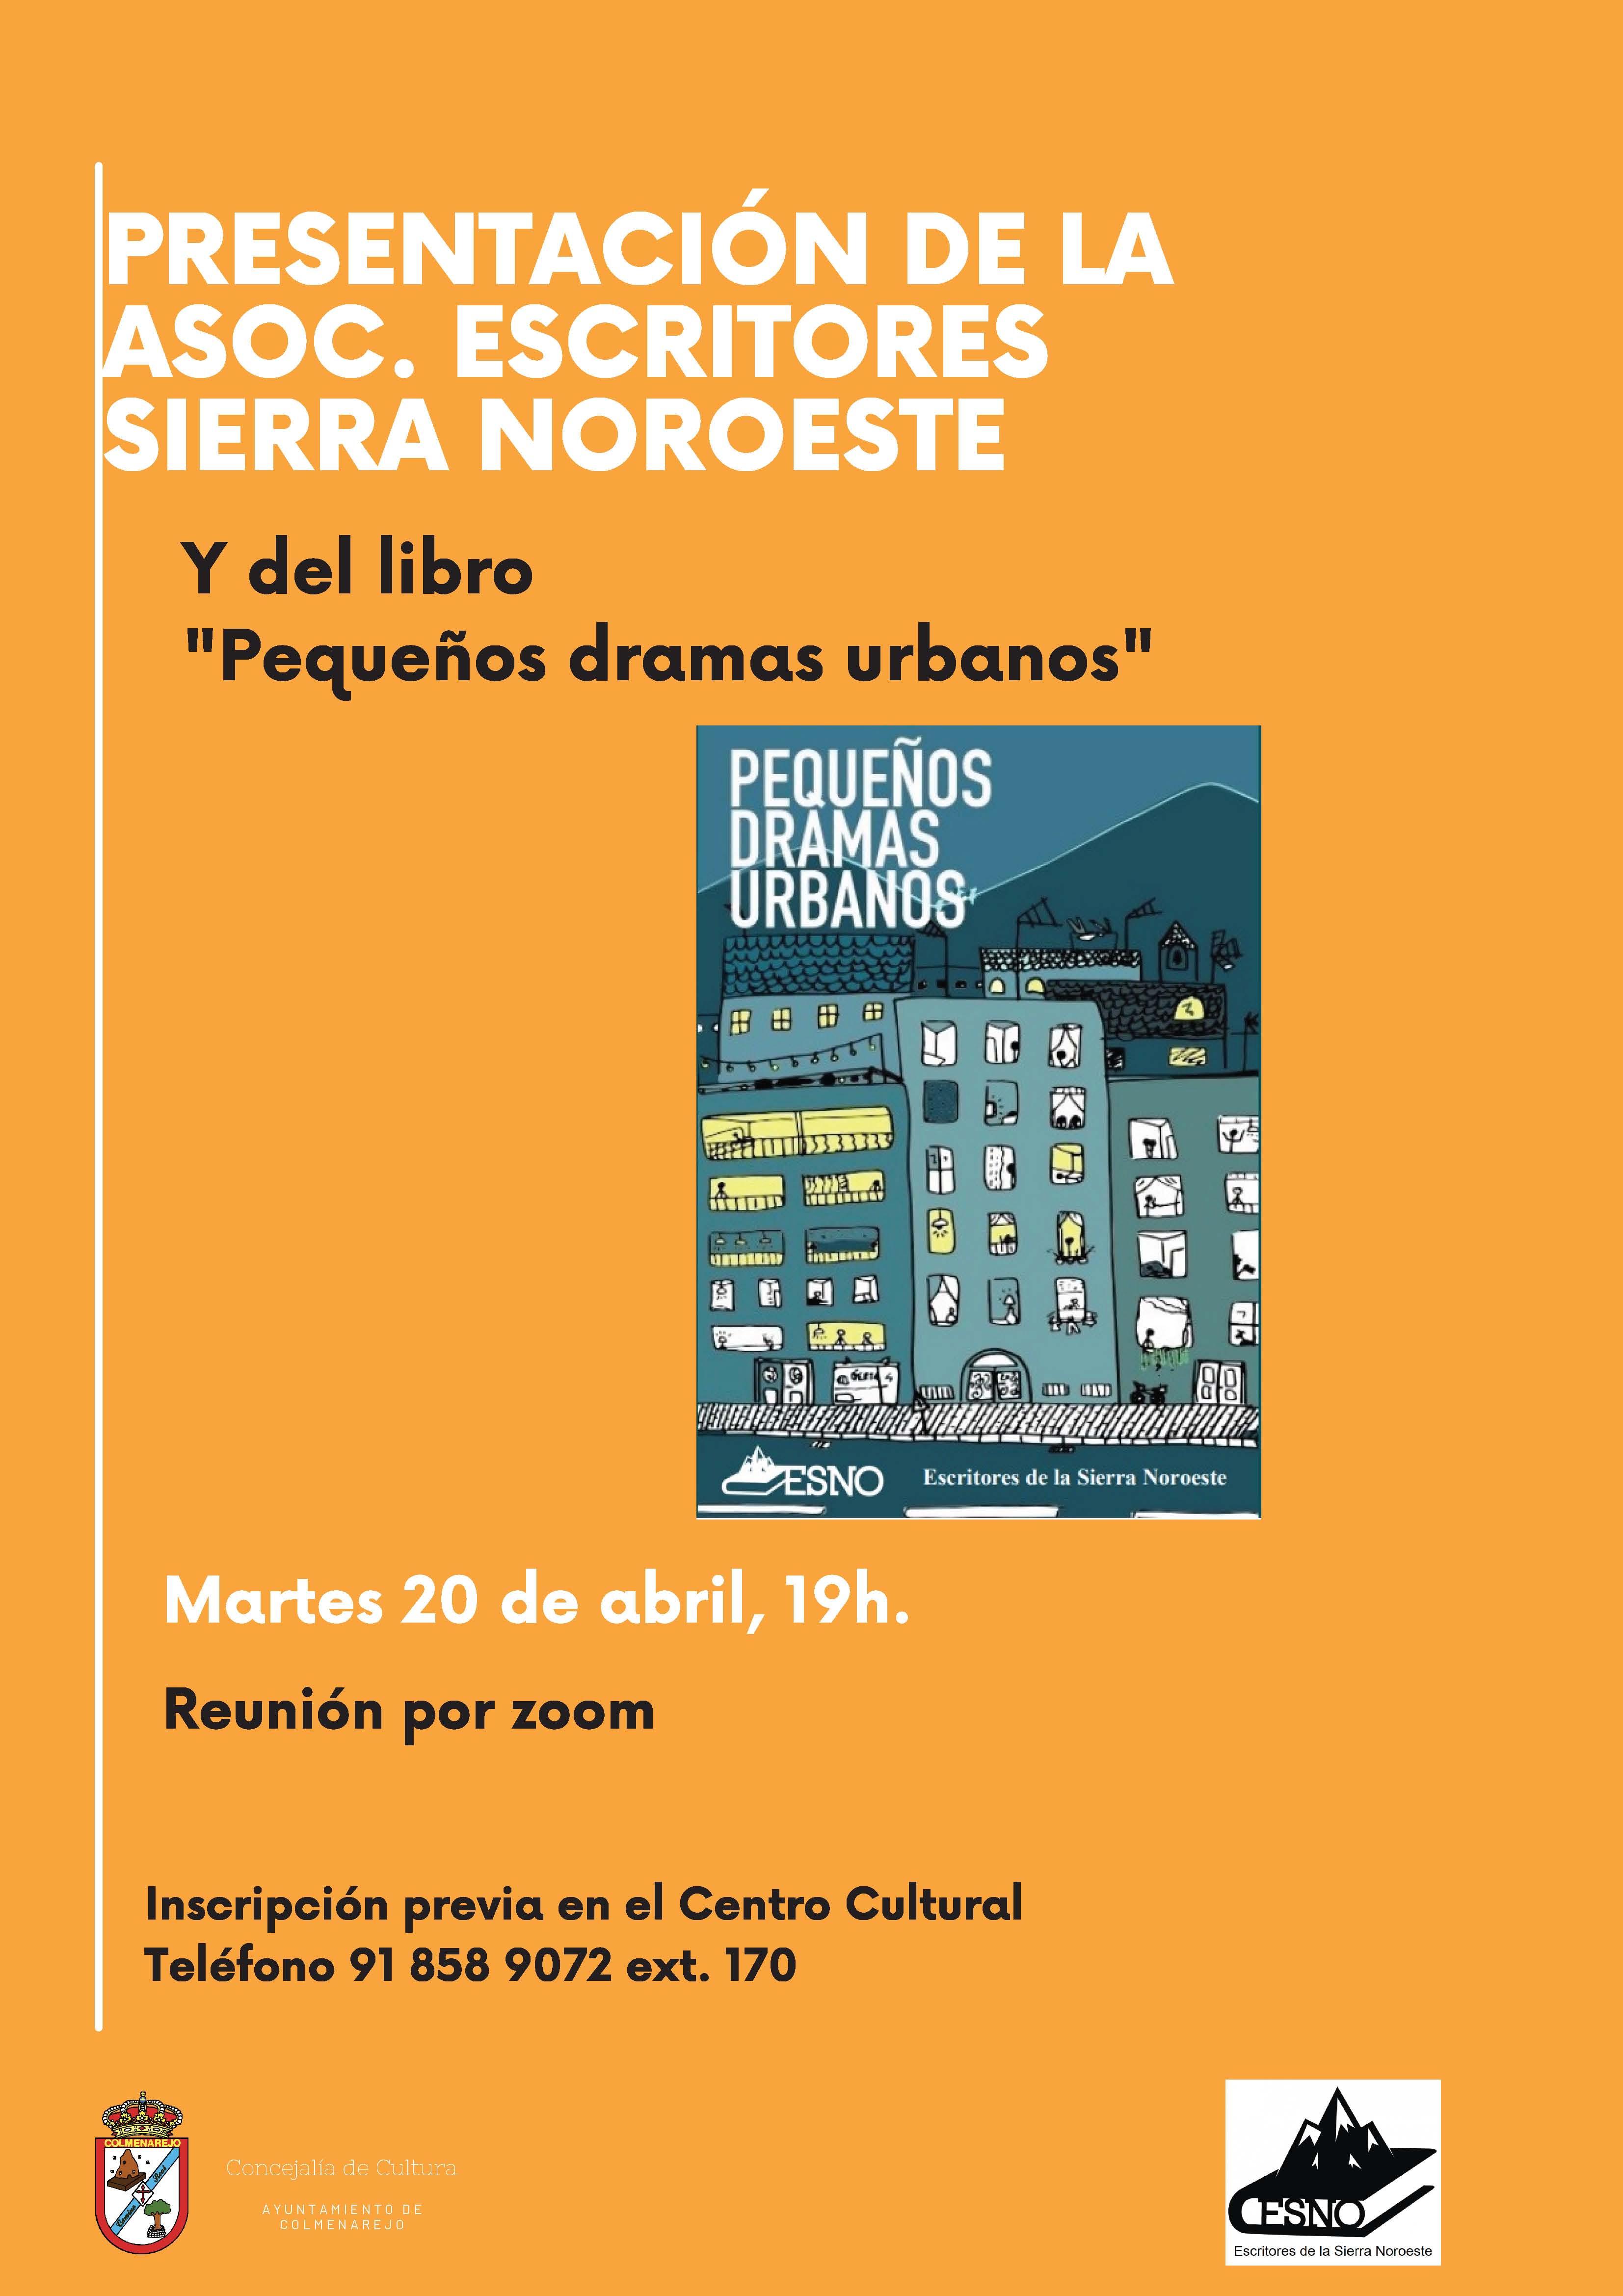 Presentación: ASOC ESCRITORES SIERRA